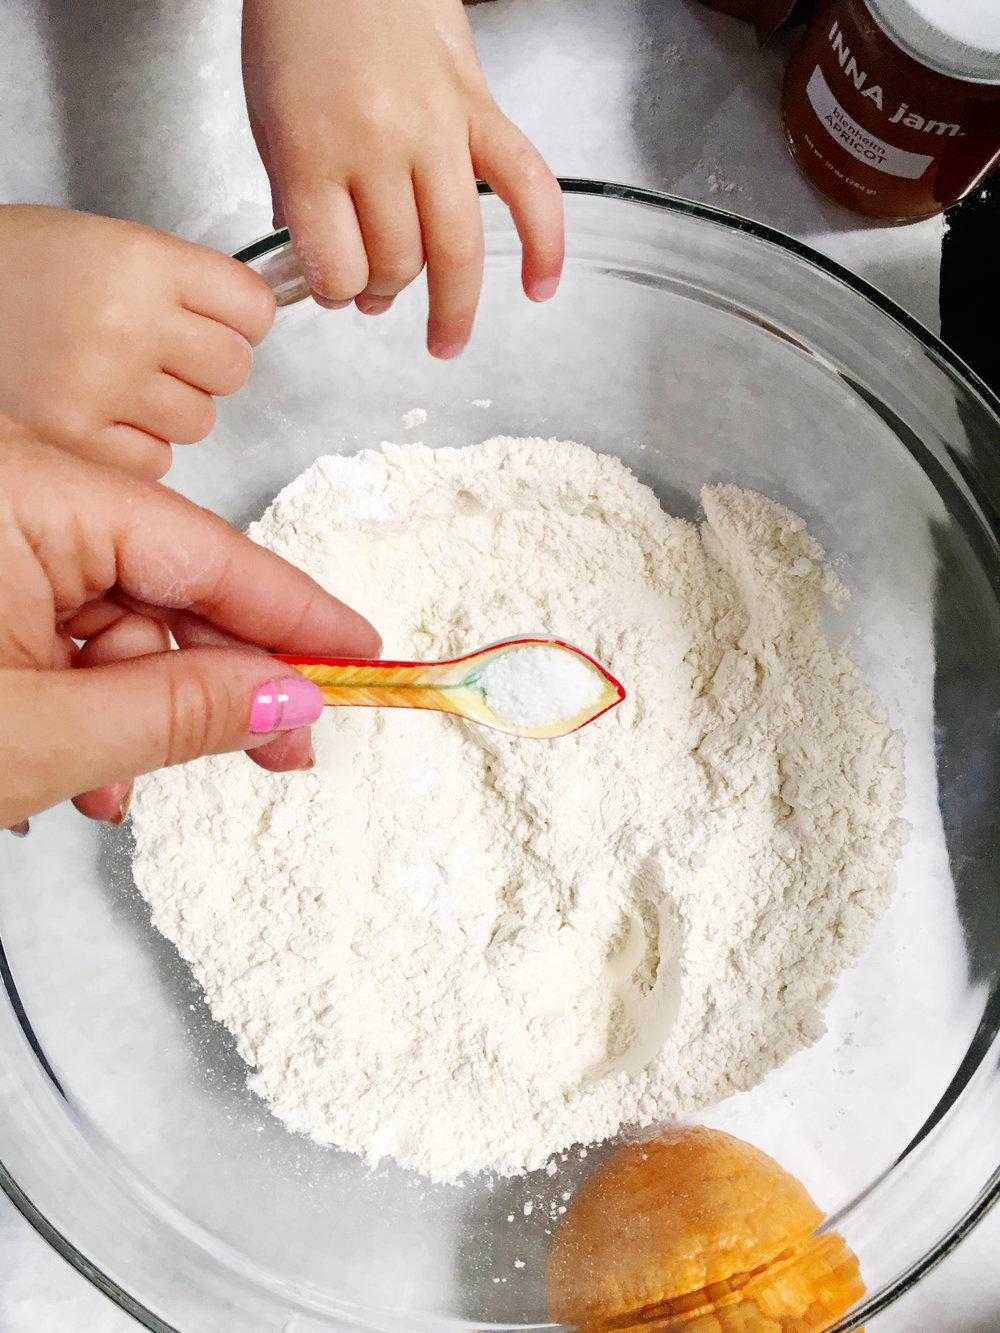 + 1/2 tsp of kosher salt